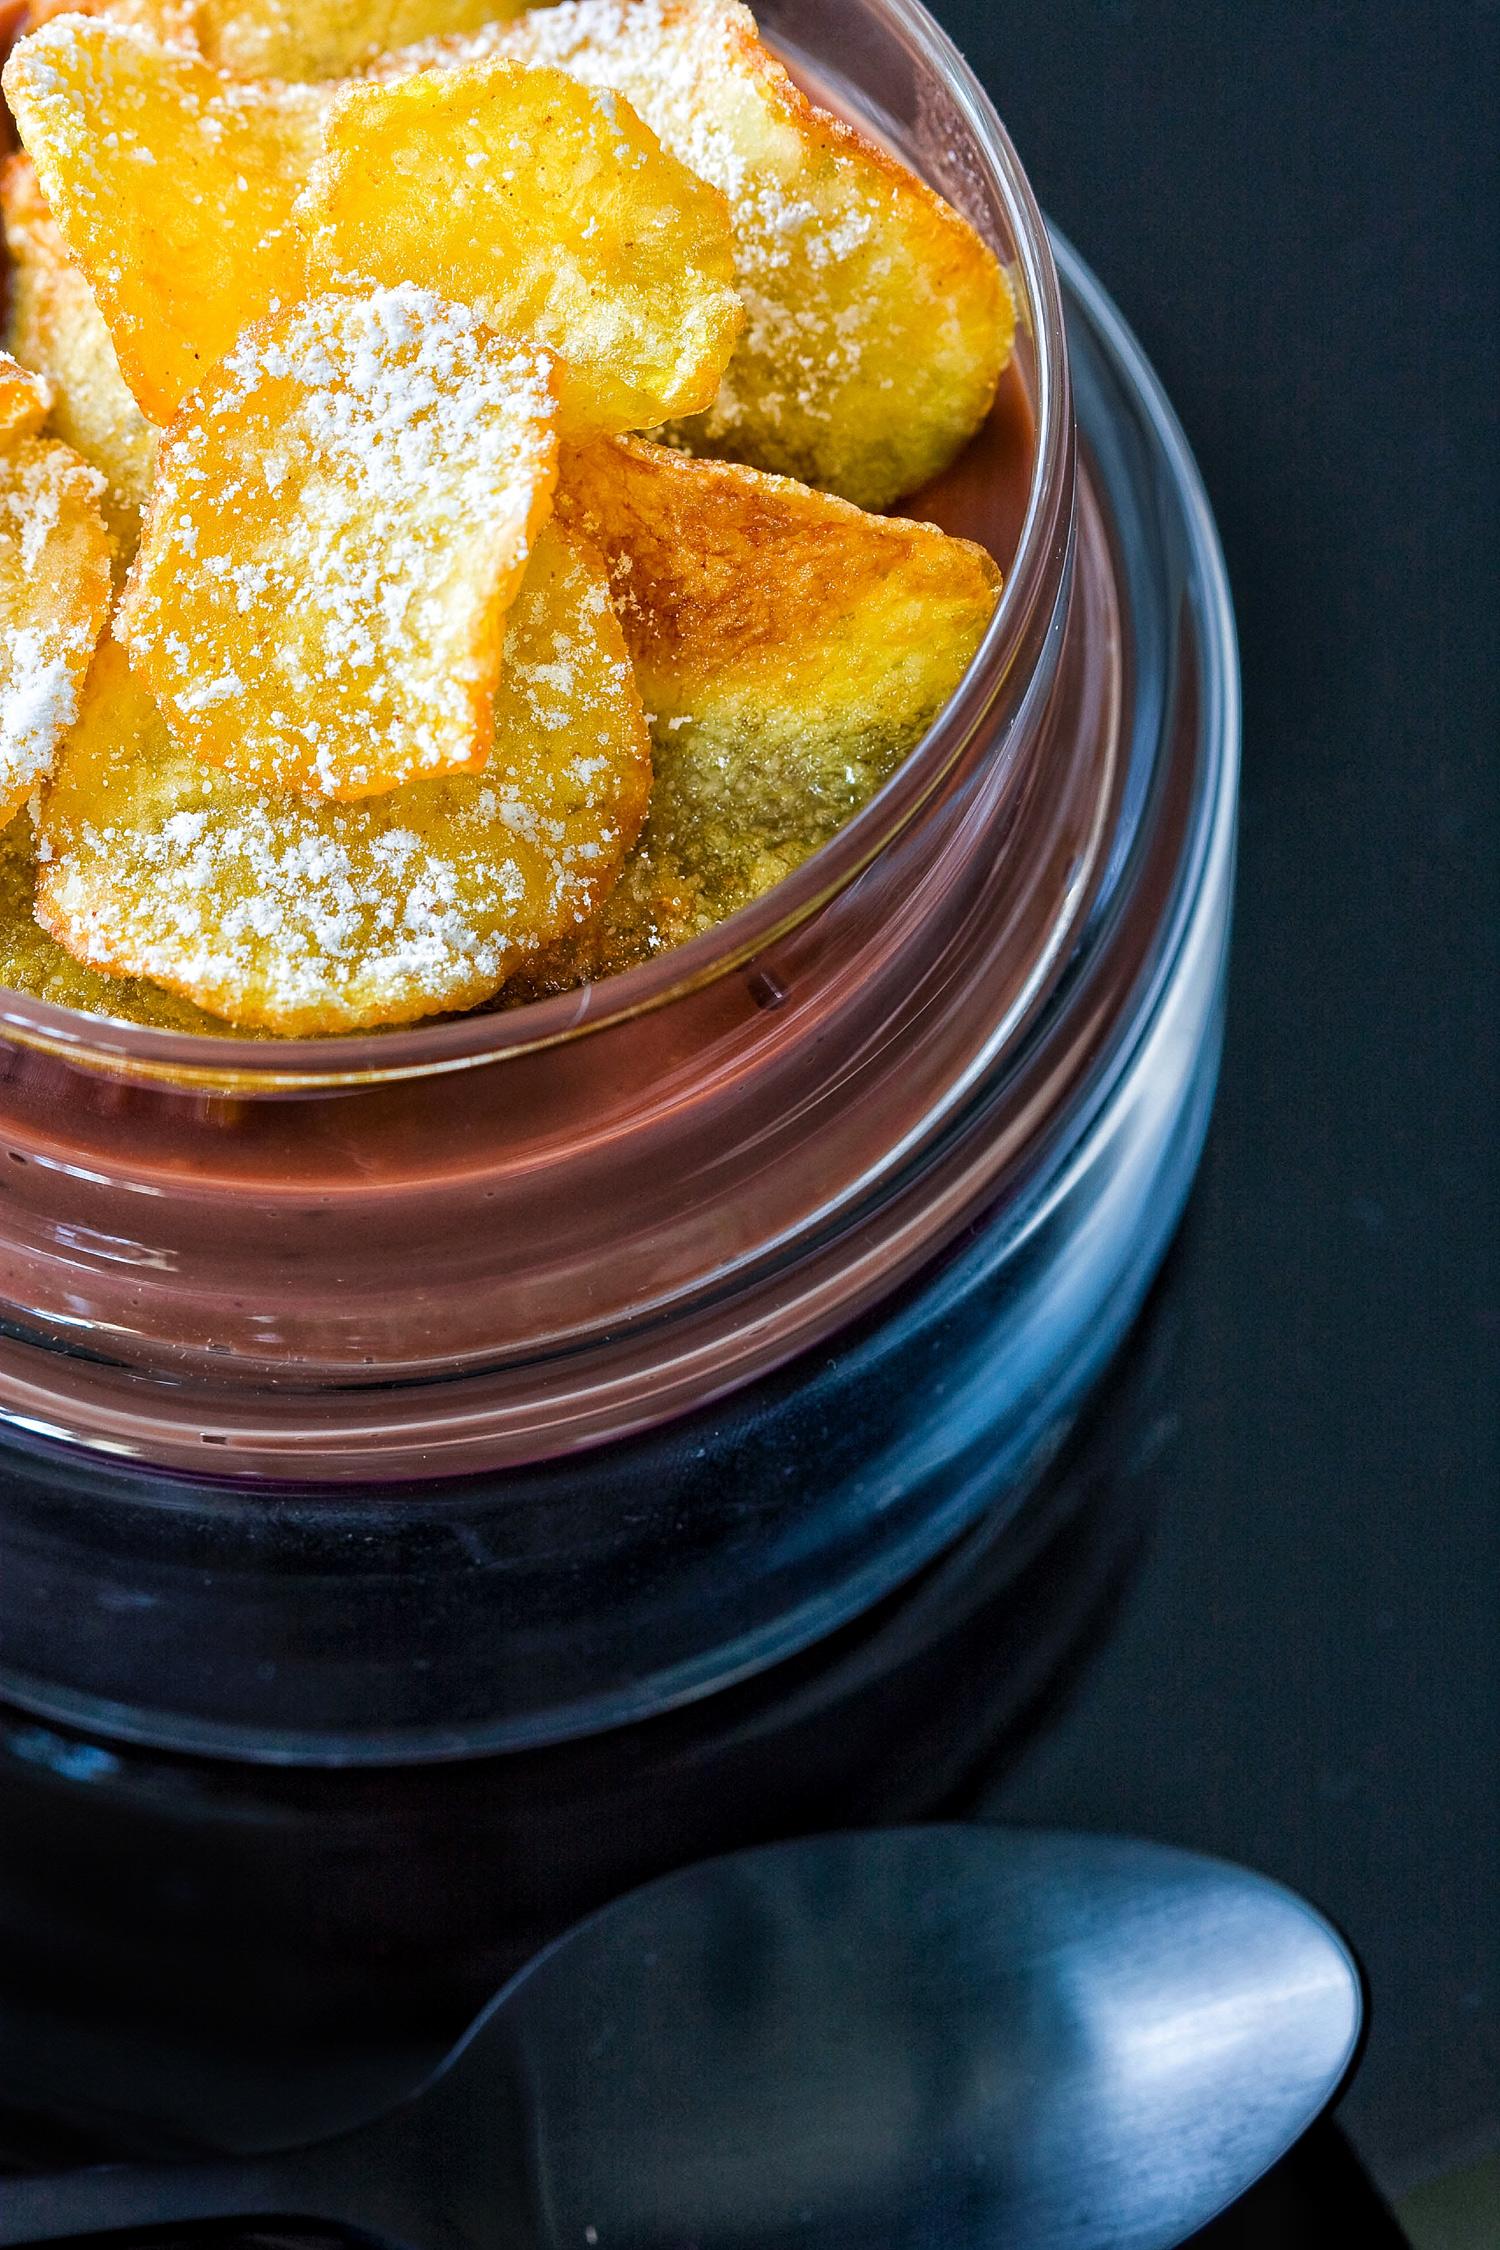 Cioccolata al latte di cocco con chips | ©foto Sandra Longinotti